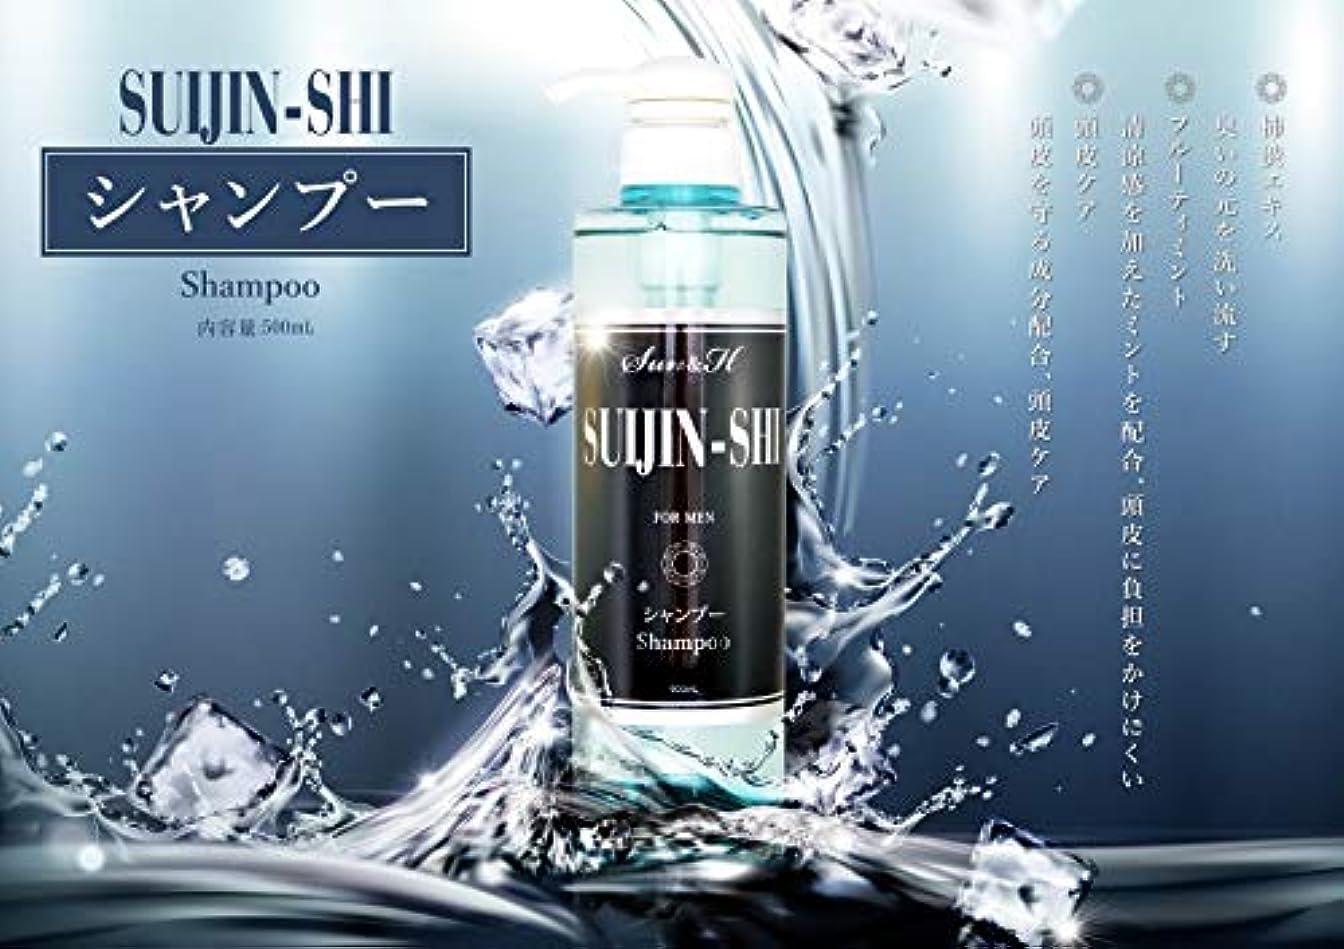 ファンきらめき属する◎日本製 SUN&H スイジン?シー シャンプー 全国送料無料